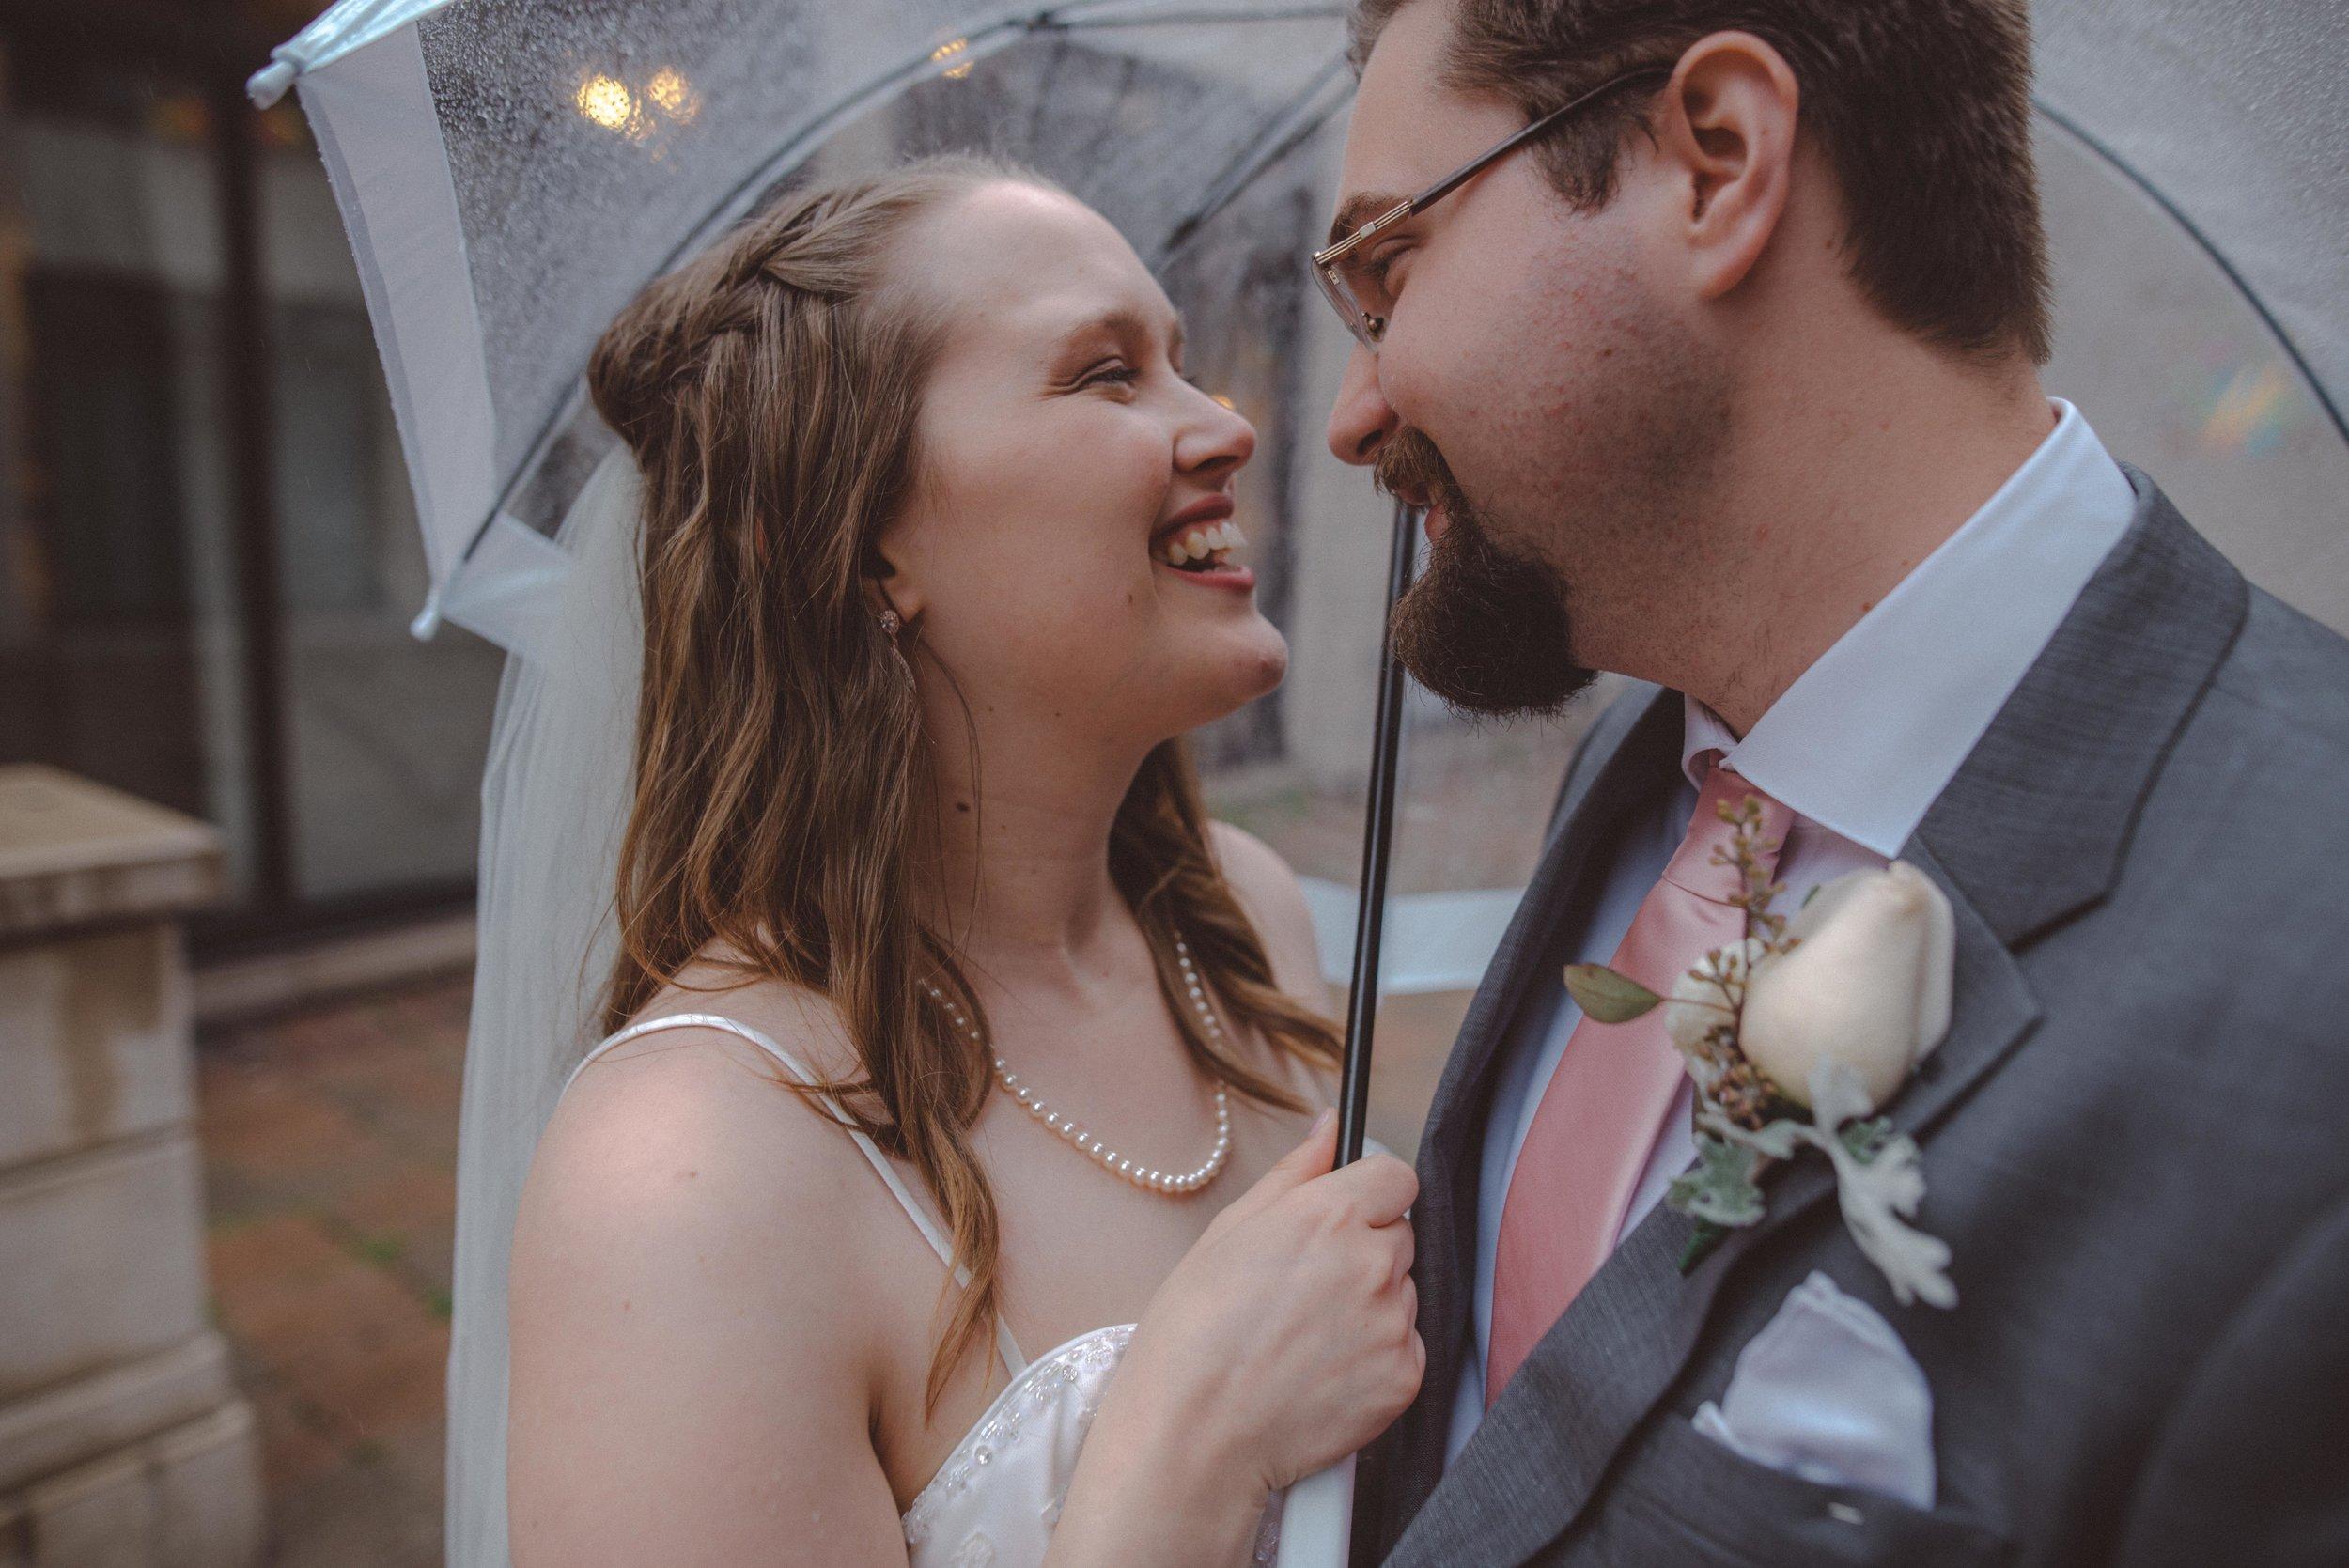 wedding_photographer_lifestyle_documentary_photographe_ottawa_gatineau-20.jpg